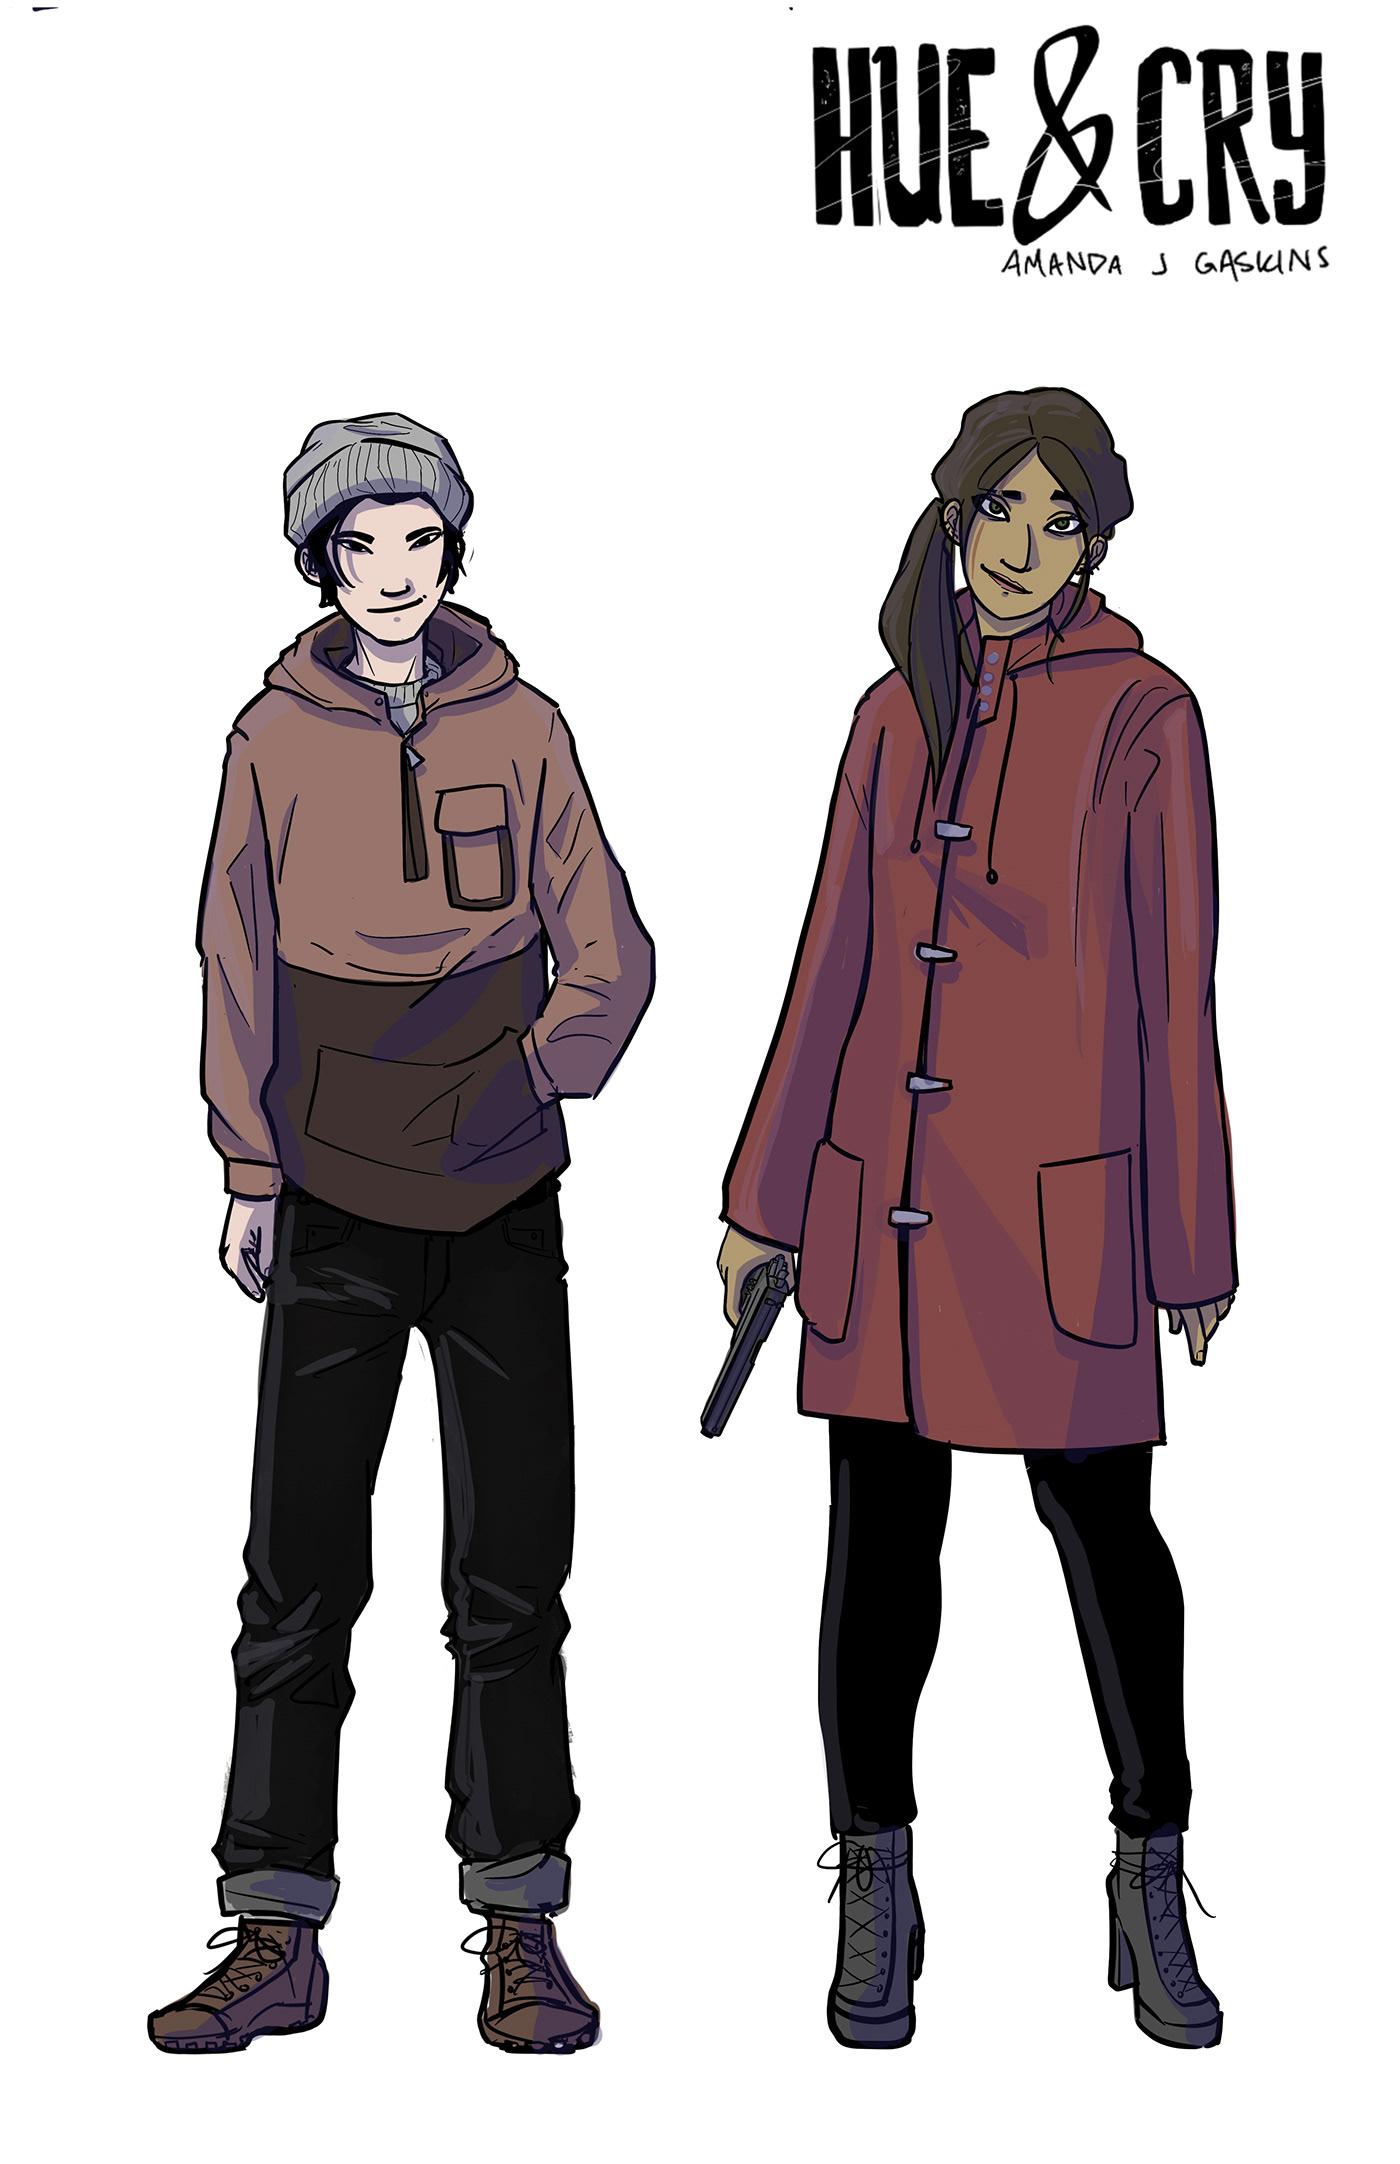 character designs comics